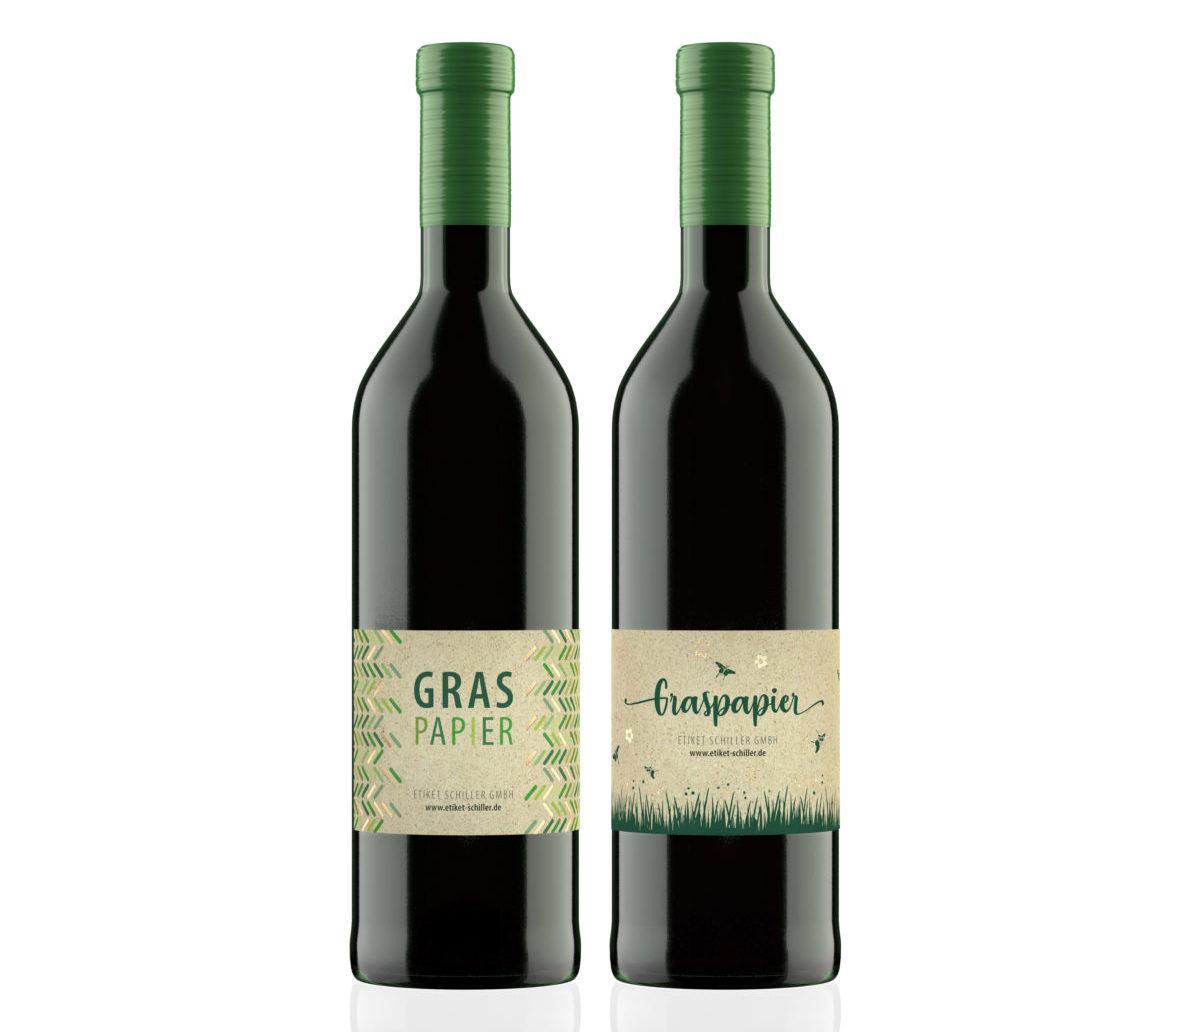 Grasetiketten für Wein (Bild: Etiket Schiller)